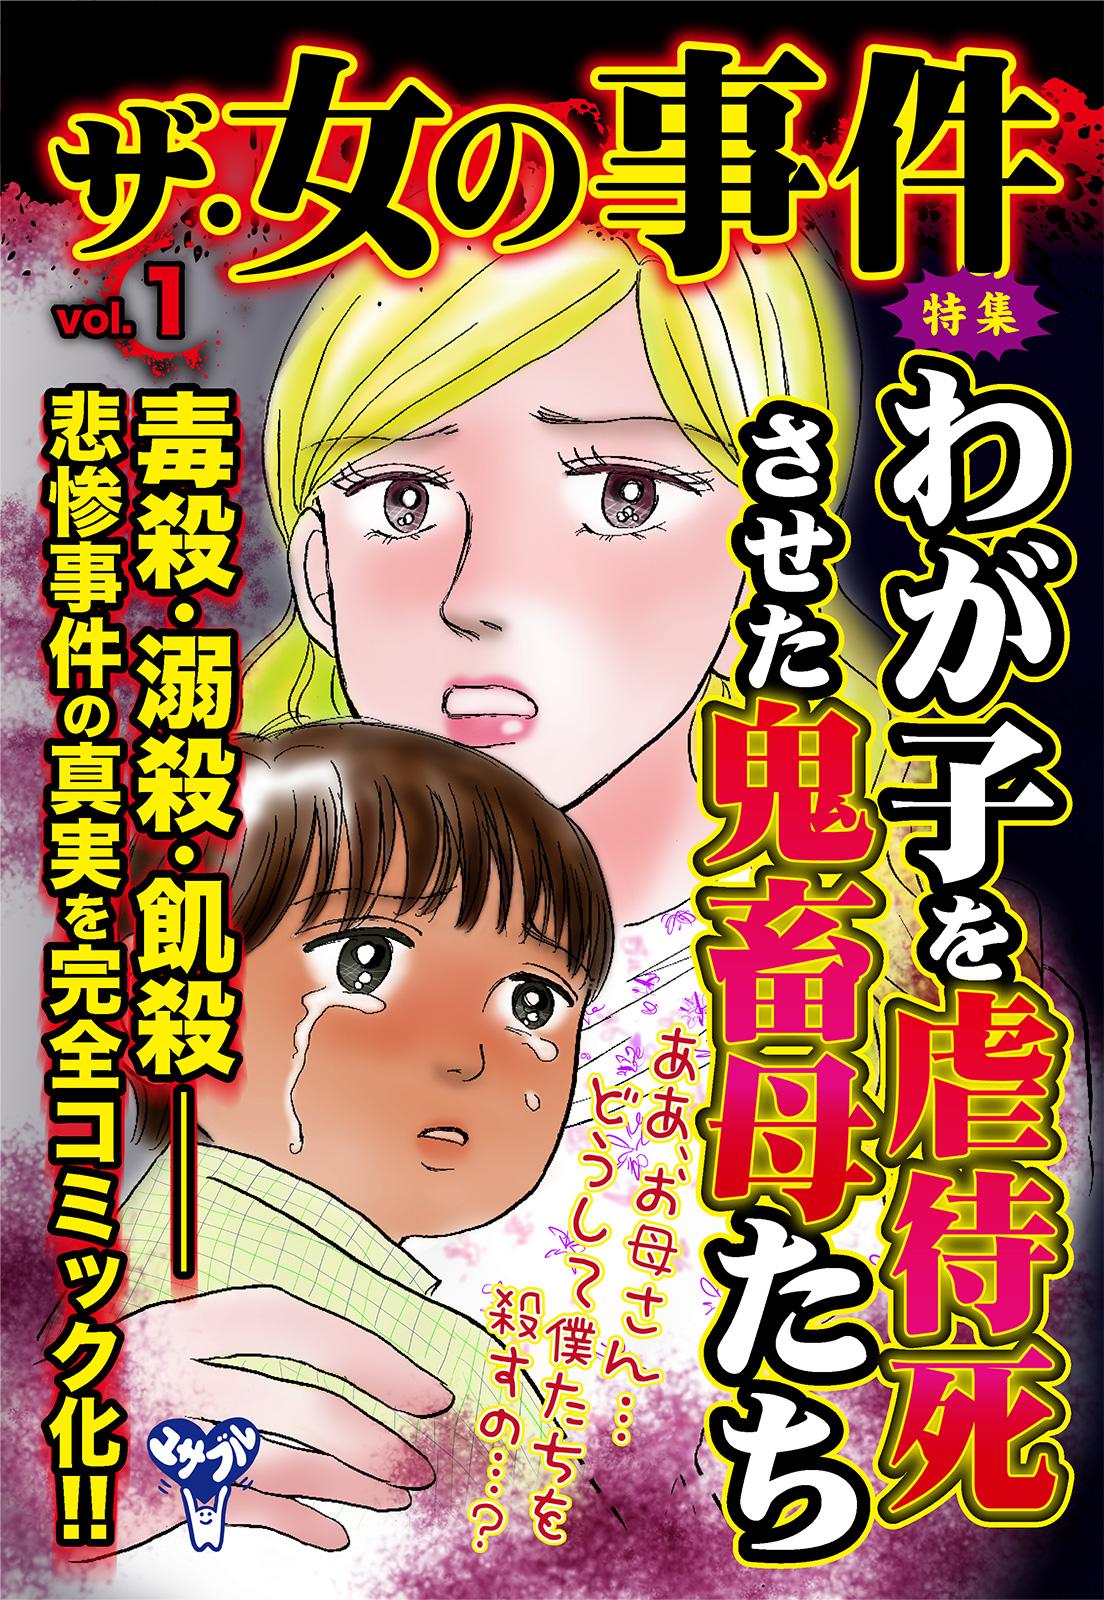 ザ・女の事件Vol.1(生後4ヶ月乳児ラクガキ虐待事件)